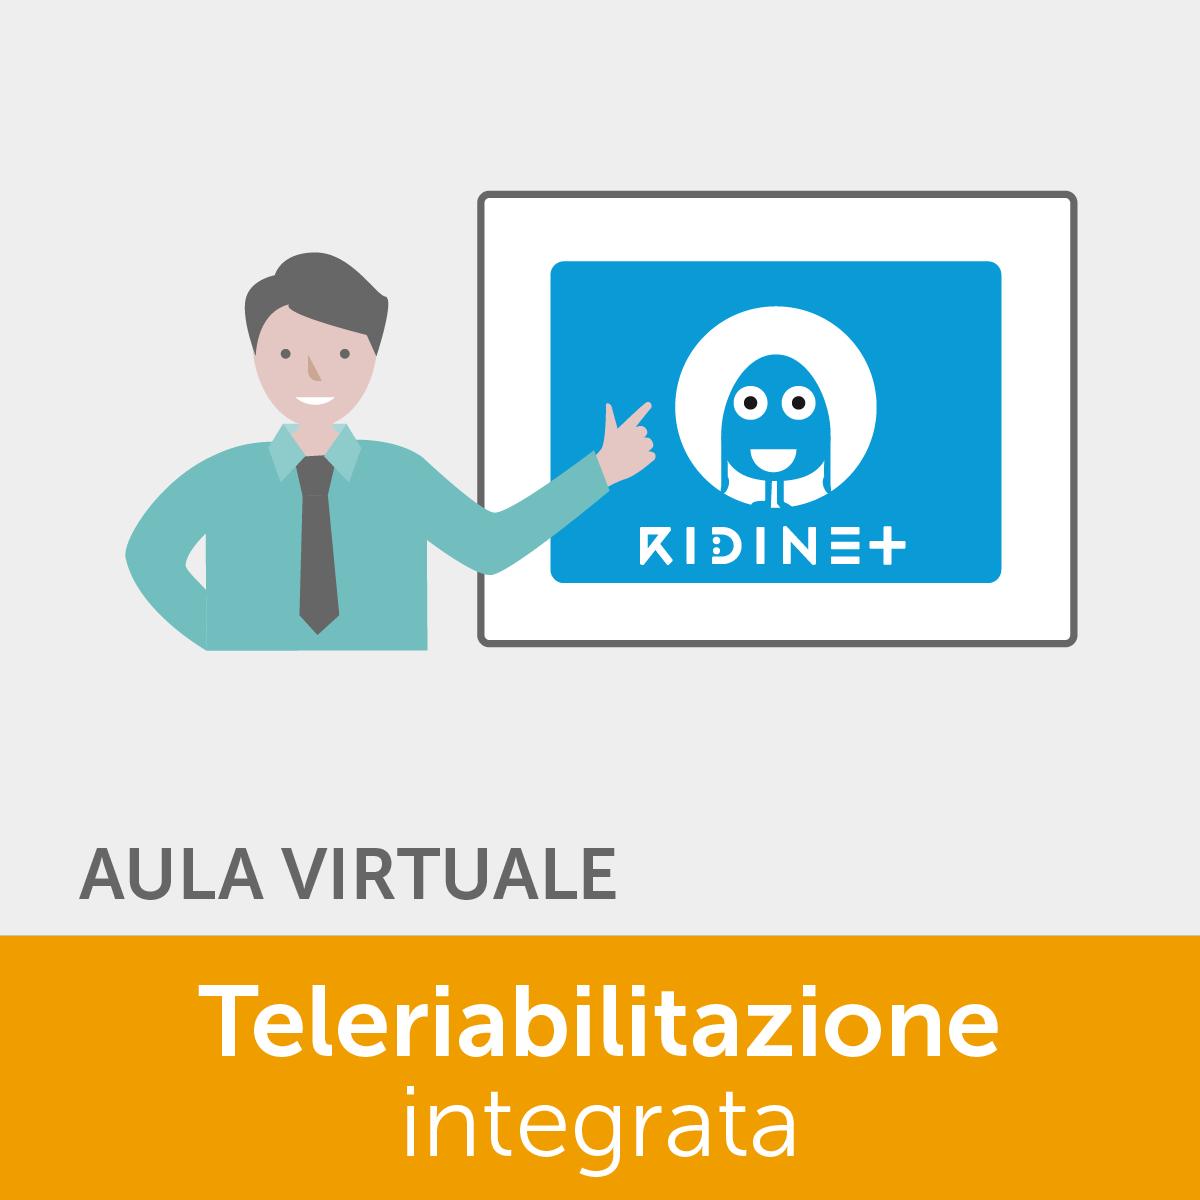 ECM 50 crediti - La teleriabilitazione integrata con la piattaforma RIDInet - 2° Ed. online